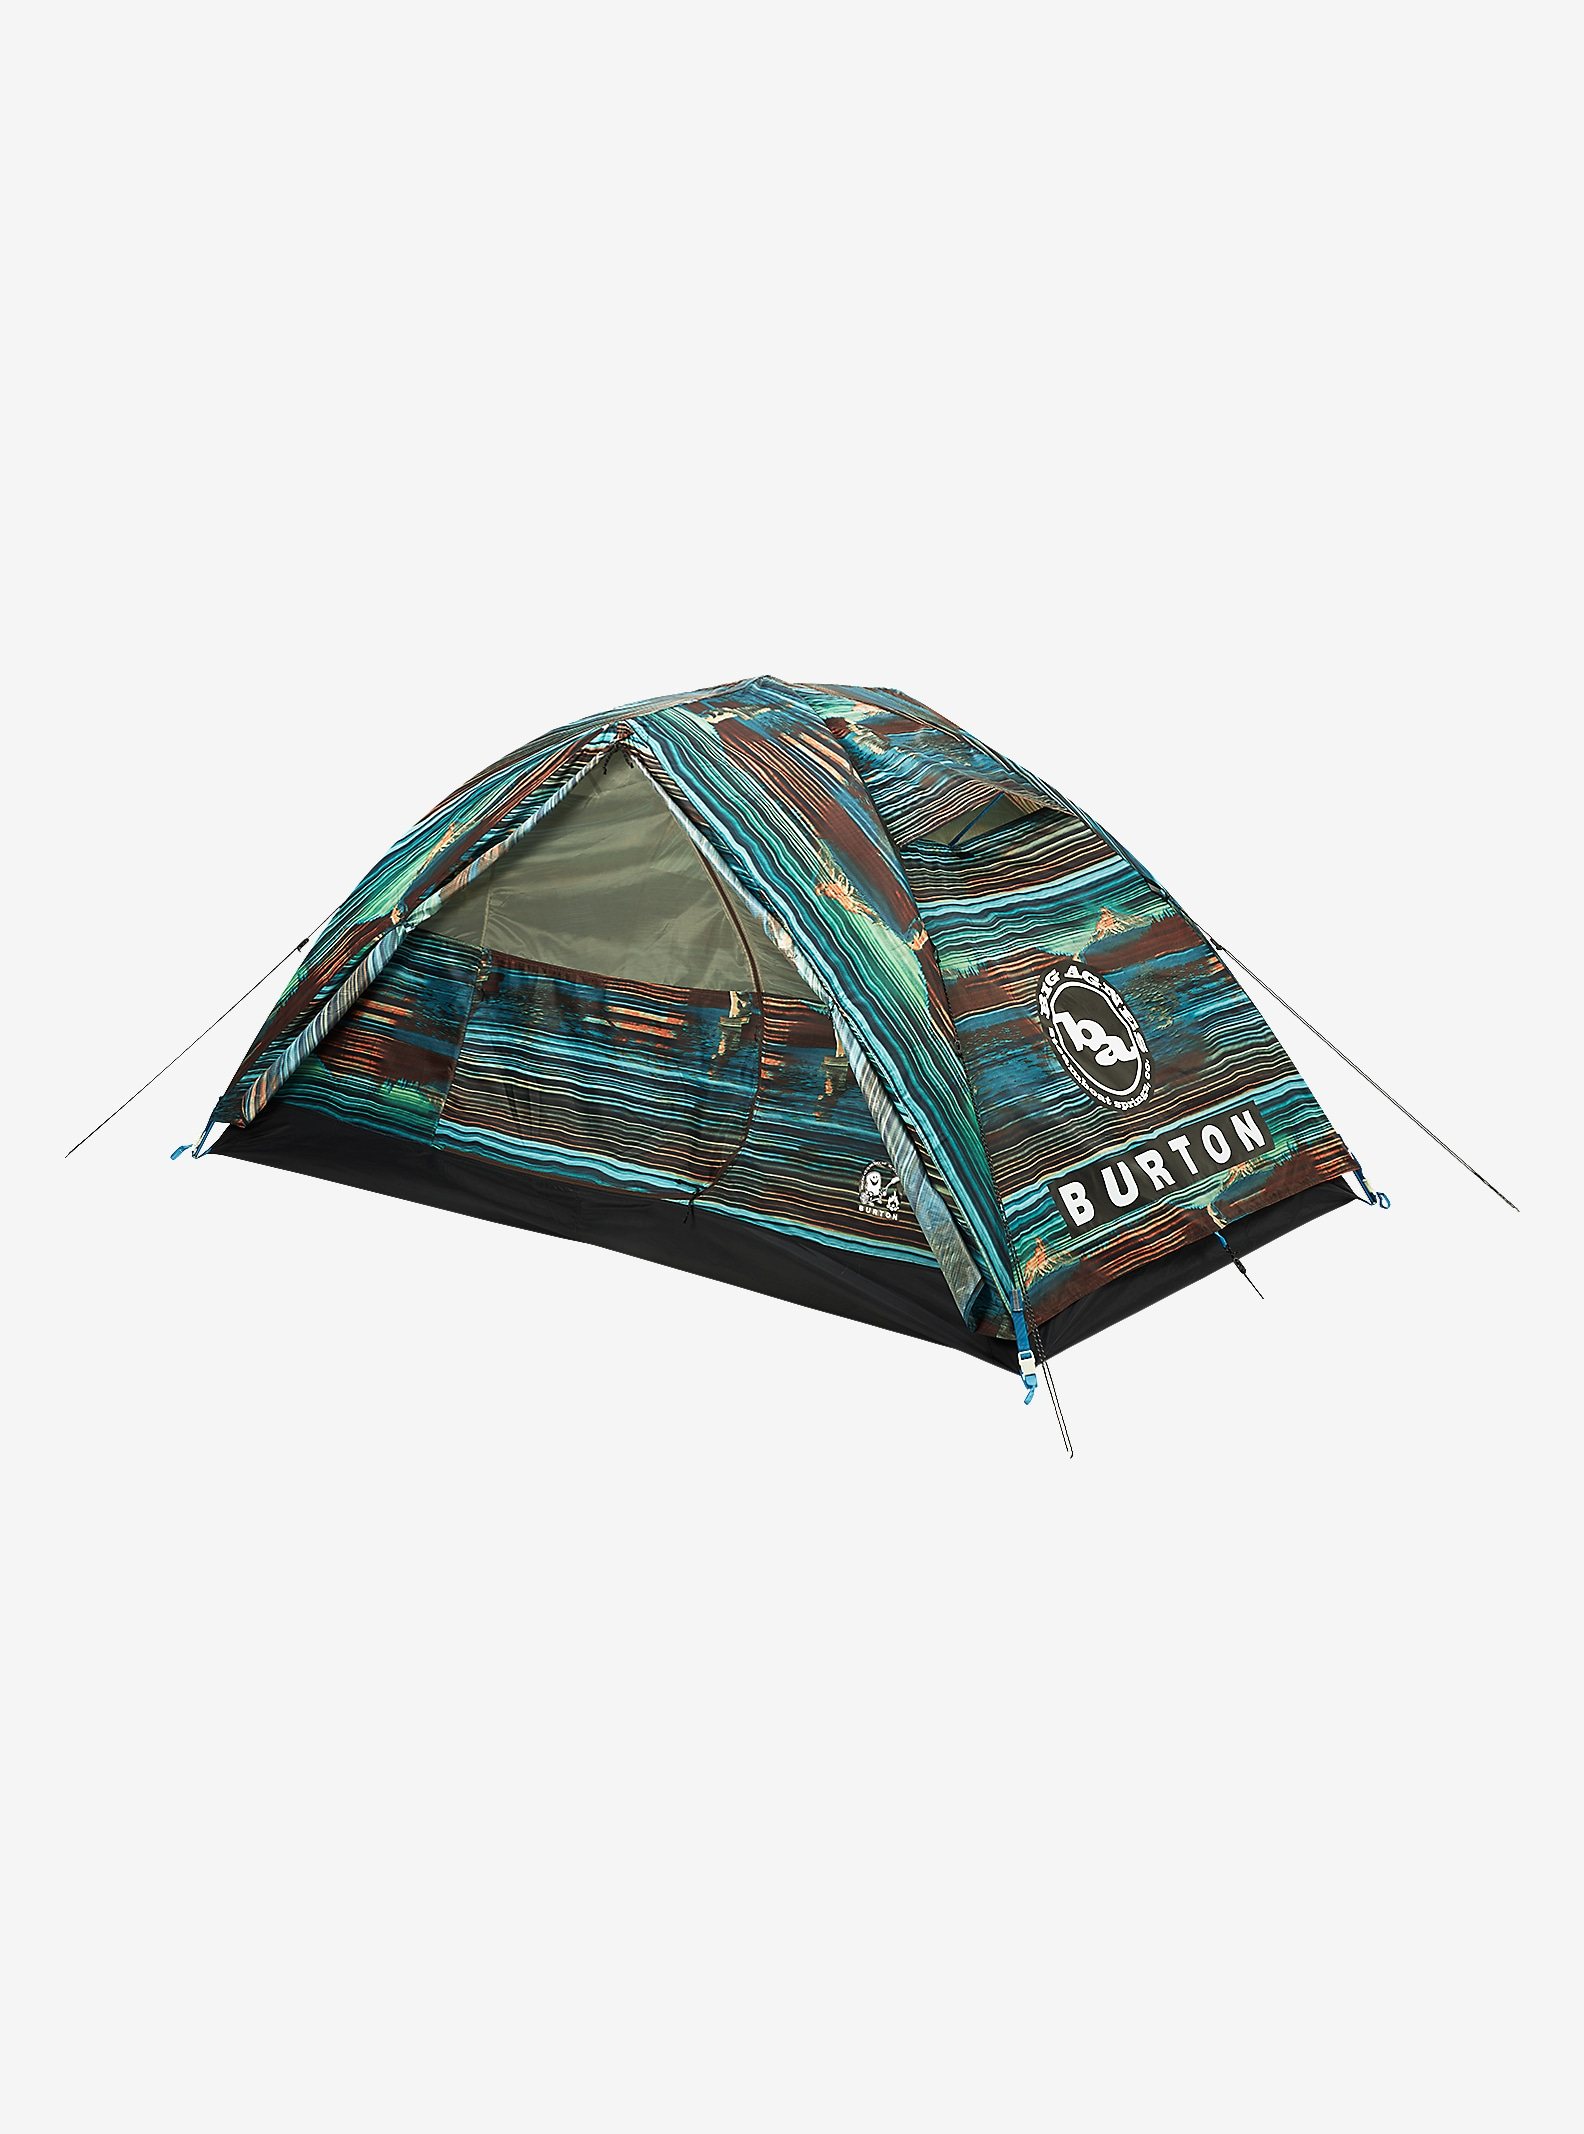 Big Agnes x HCSC x Burton Nightcap Tent shown in HCSC Scout Bright